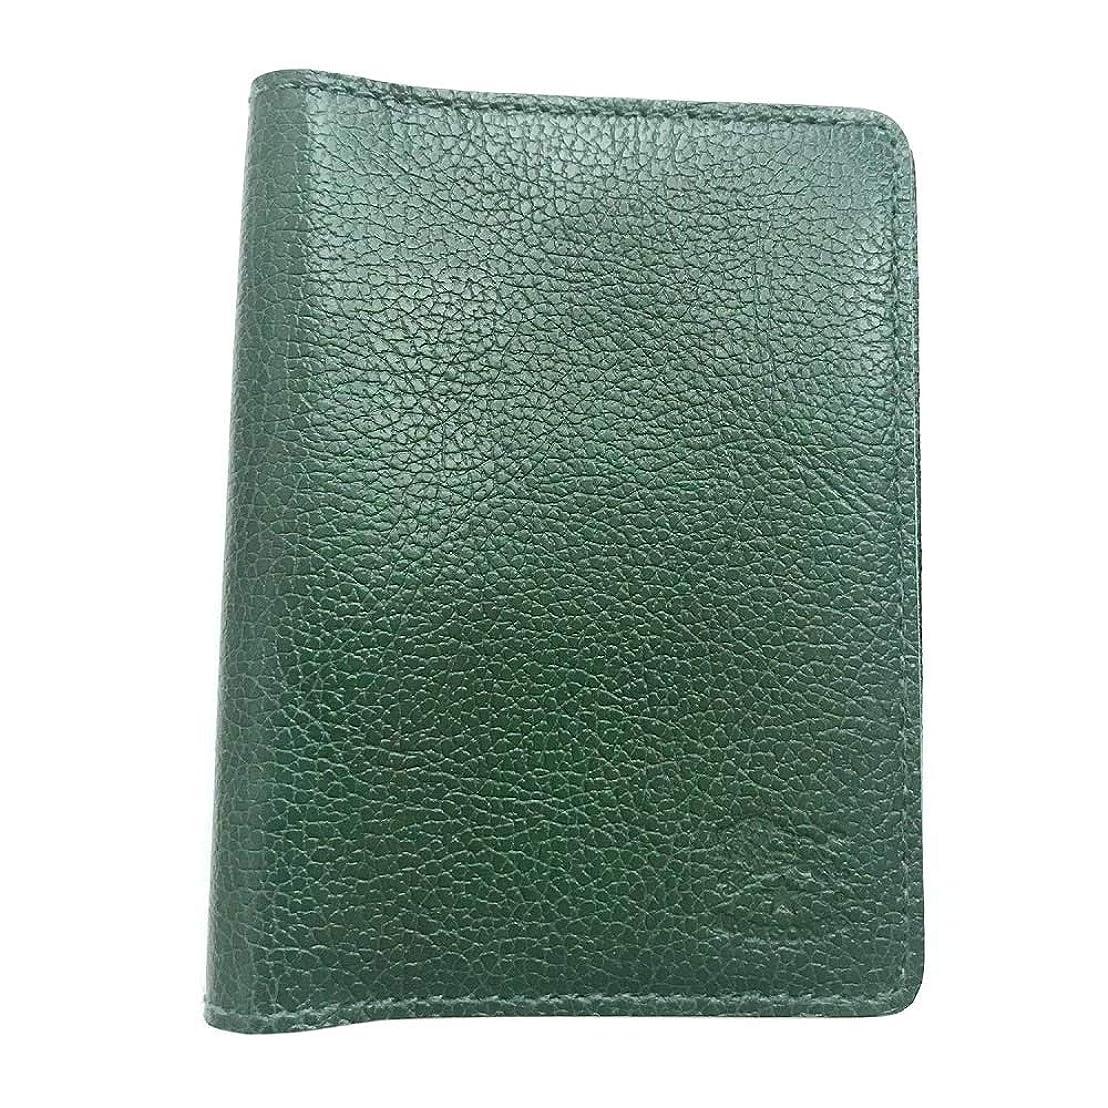 効率後者クロールイルビゾンテ IL BISONTE C0469/M 293 Green カードケース パスケース 定期入れ【レディース】 [並行輸入品]